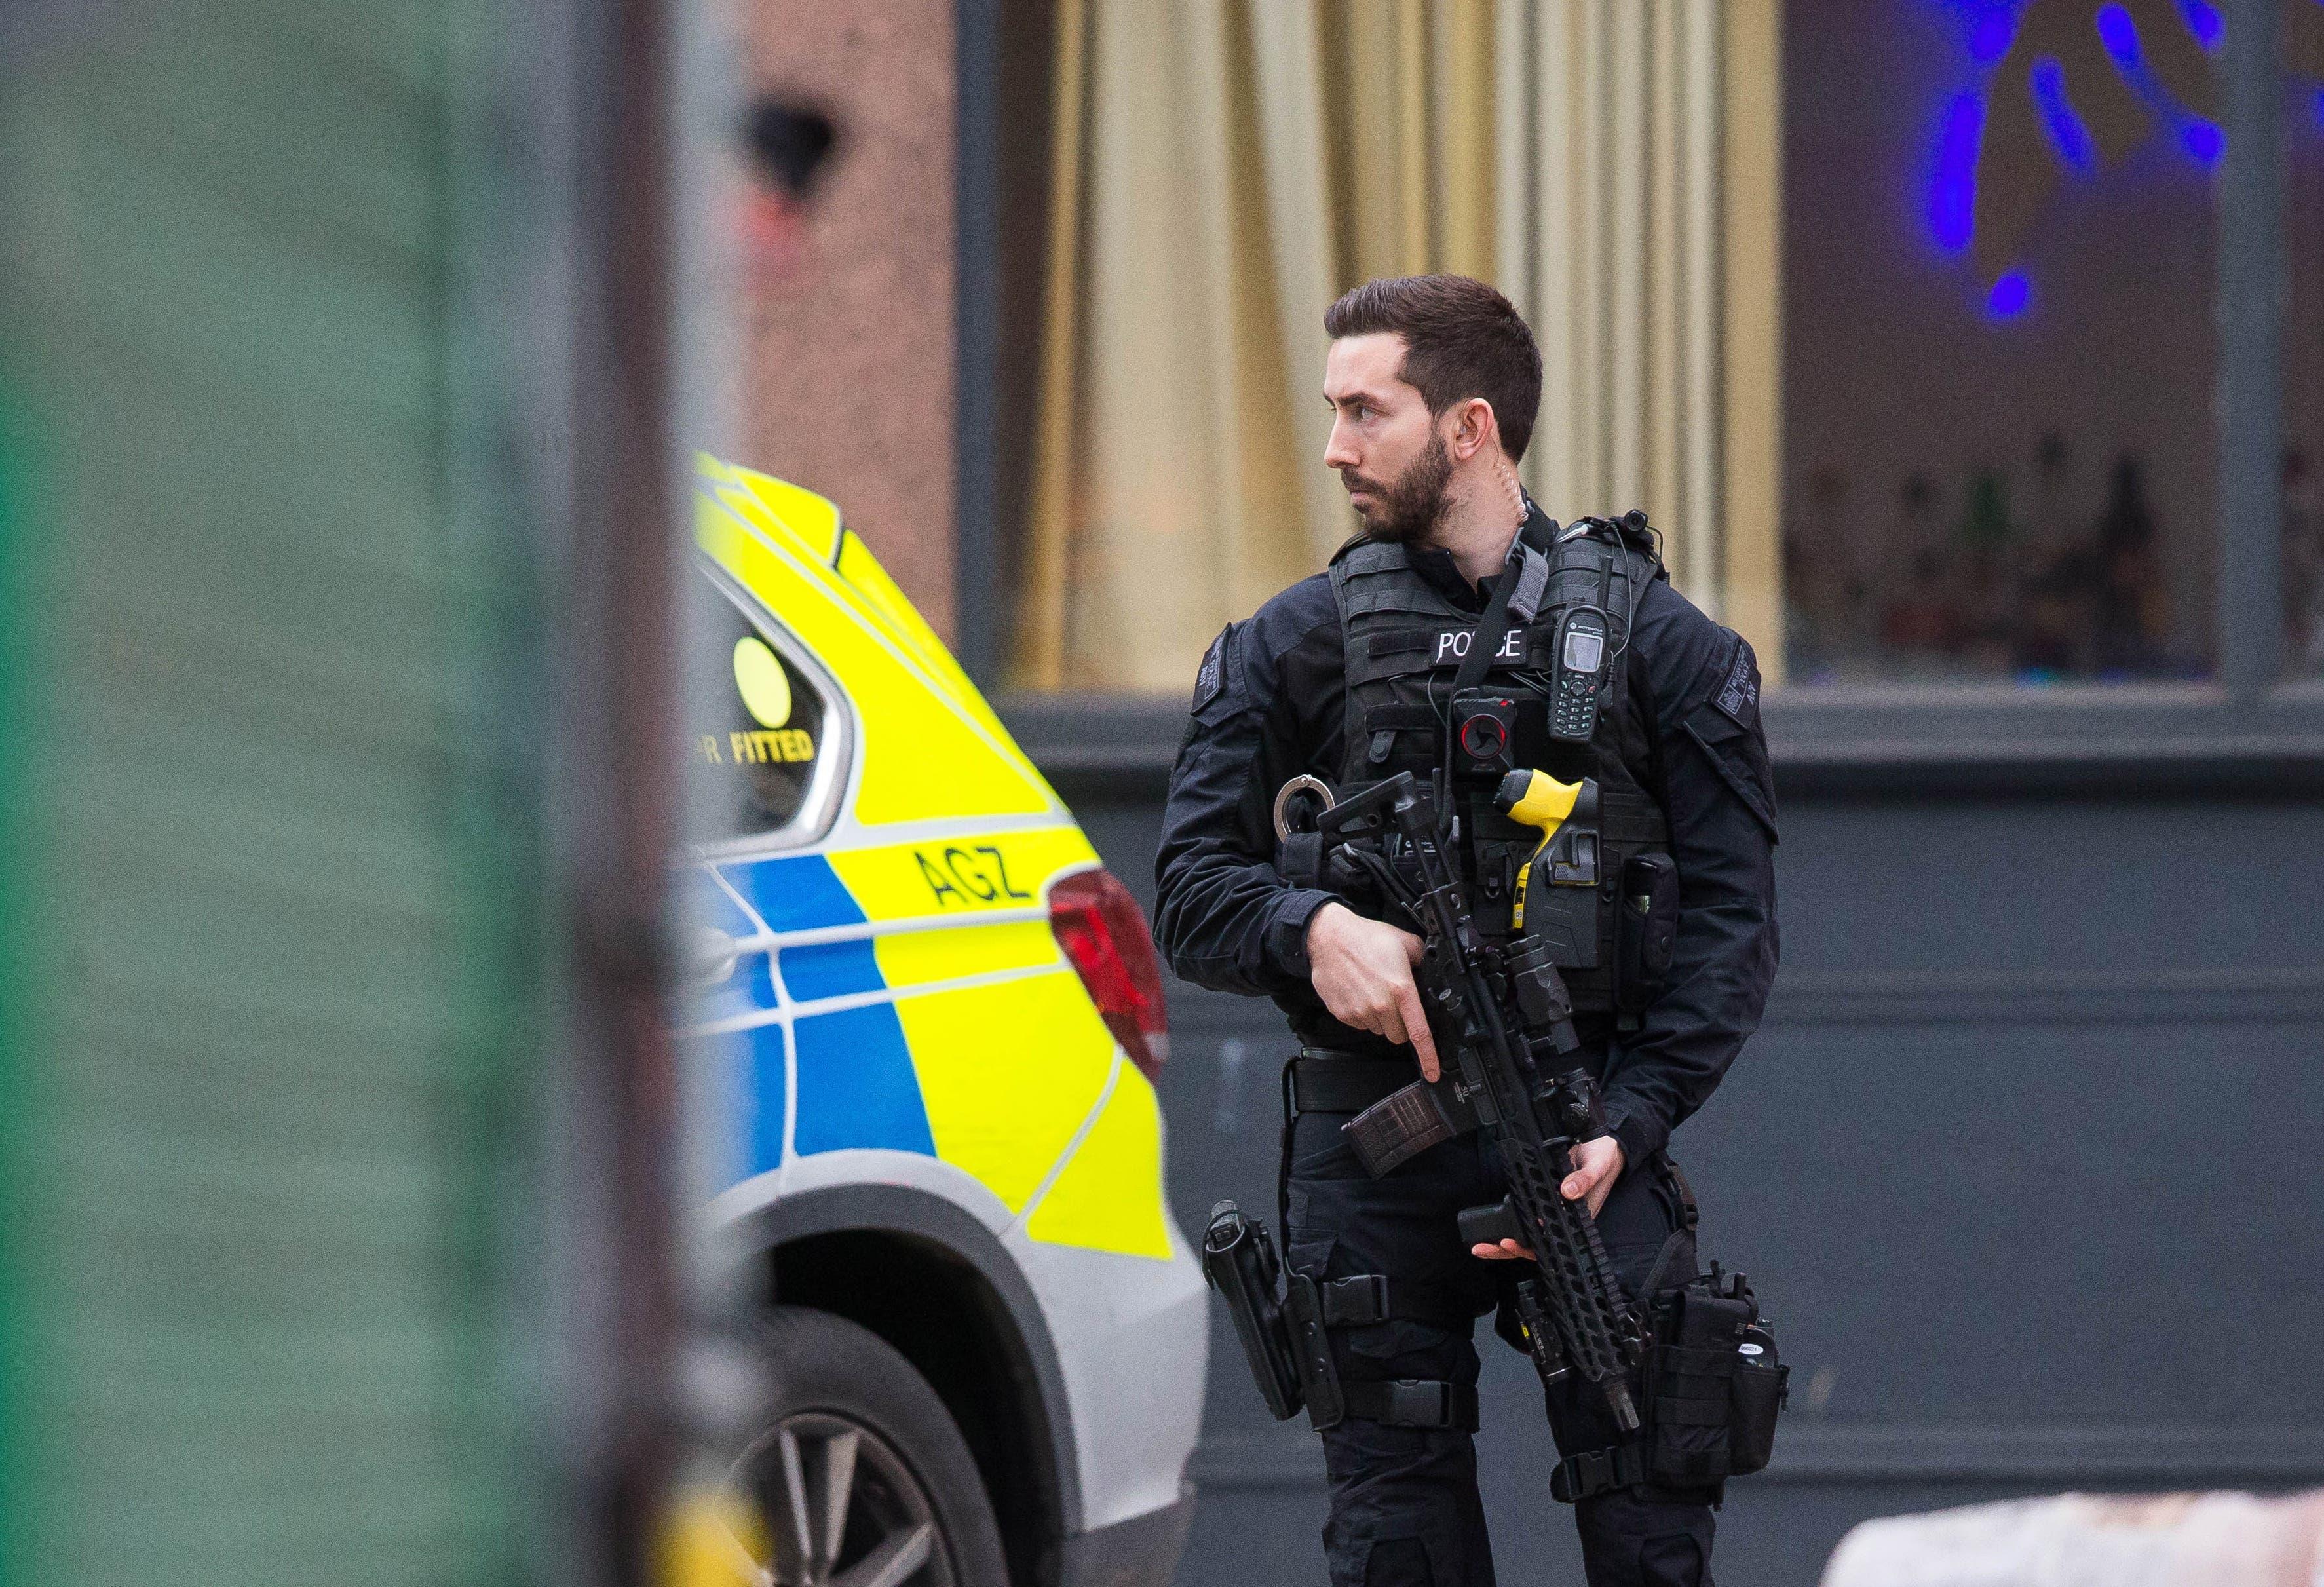 Die Polizei geht von einer Terror-Attacke aus. Ein bewaffneter Polizist sichert das Gebiet um den Tatort.